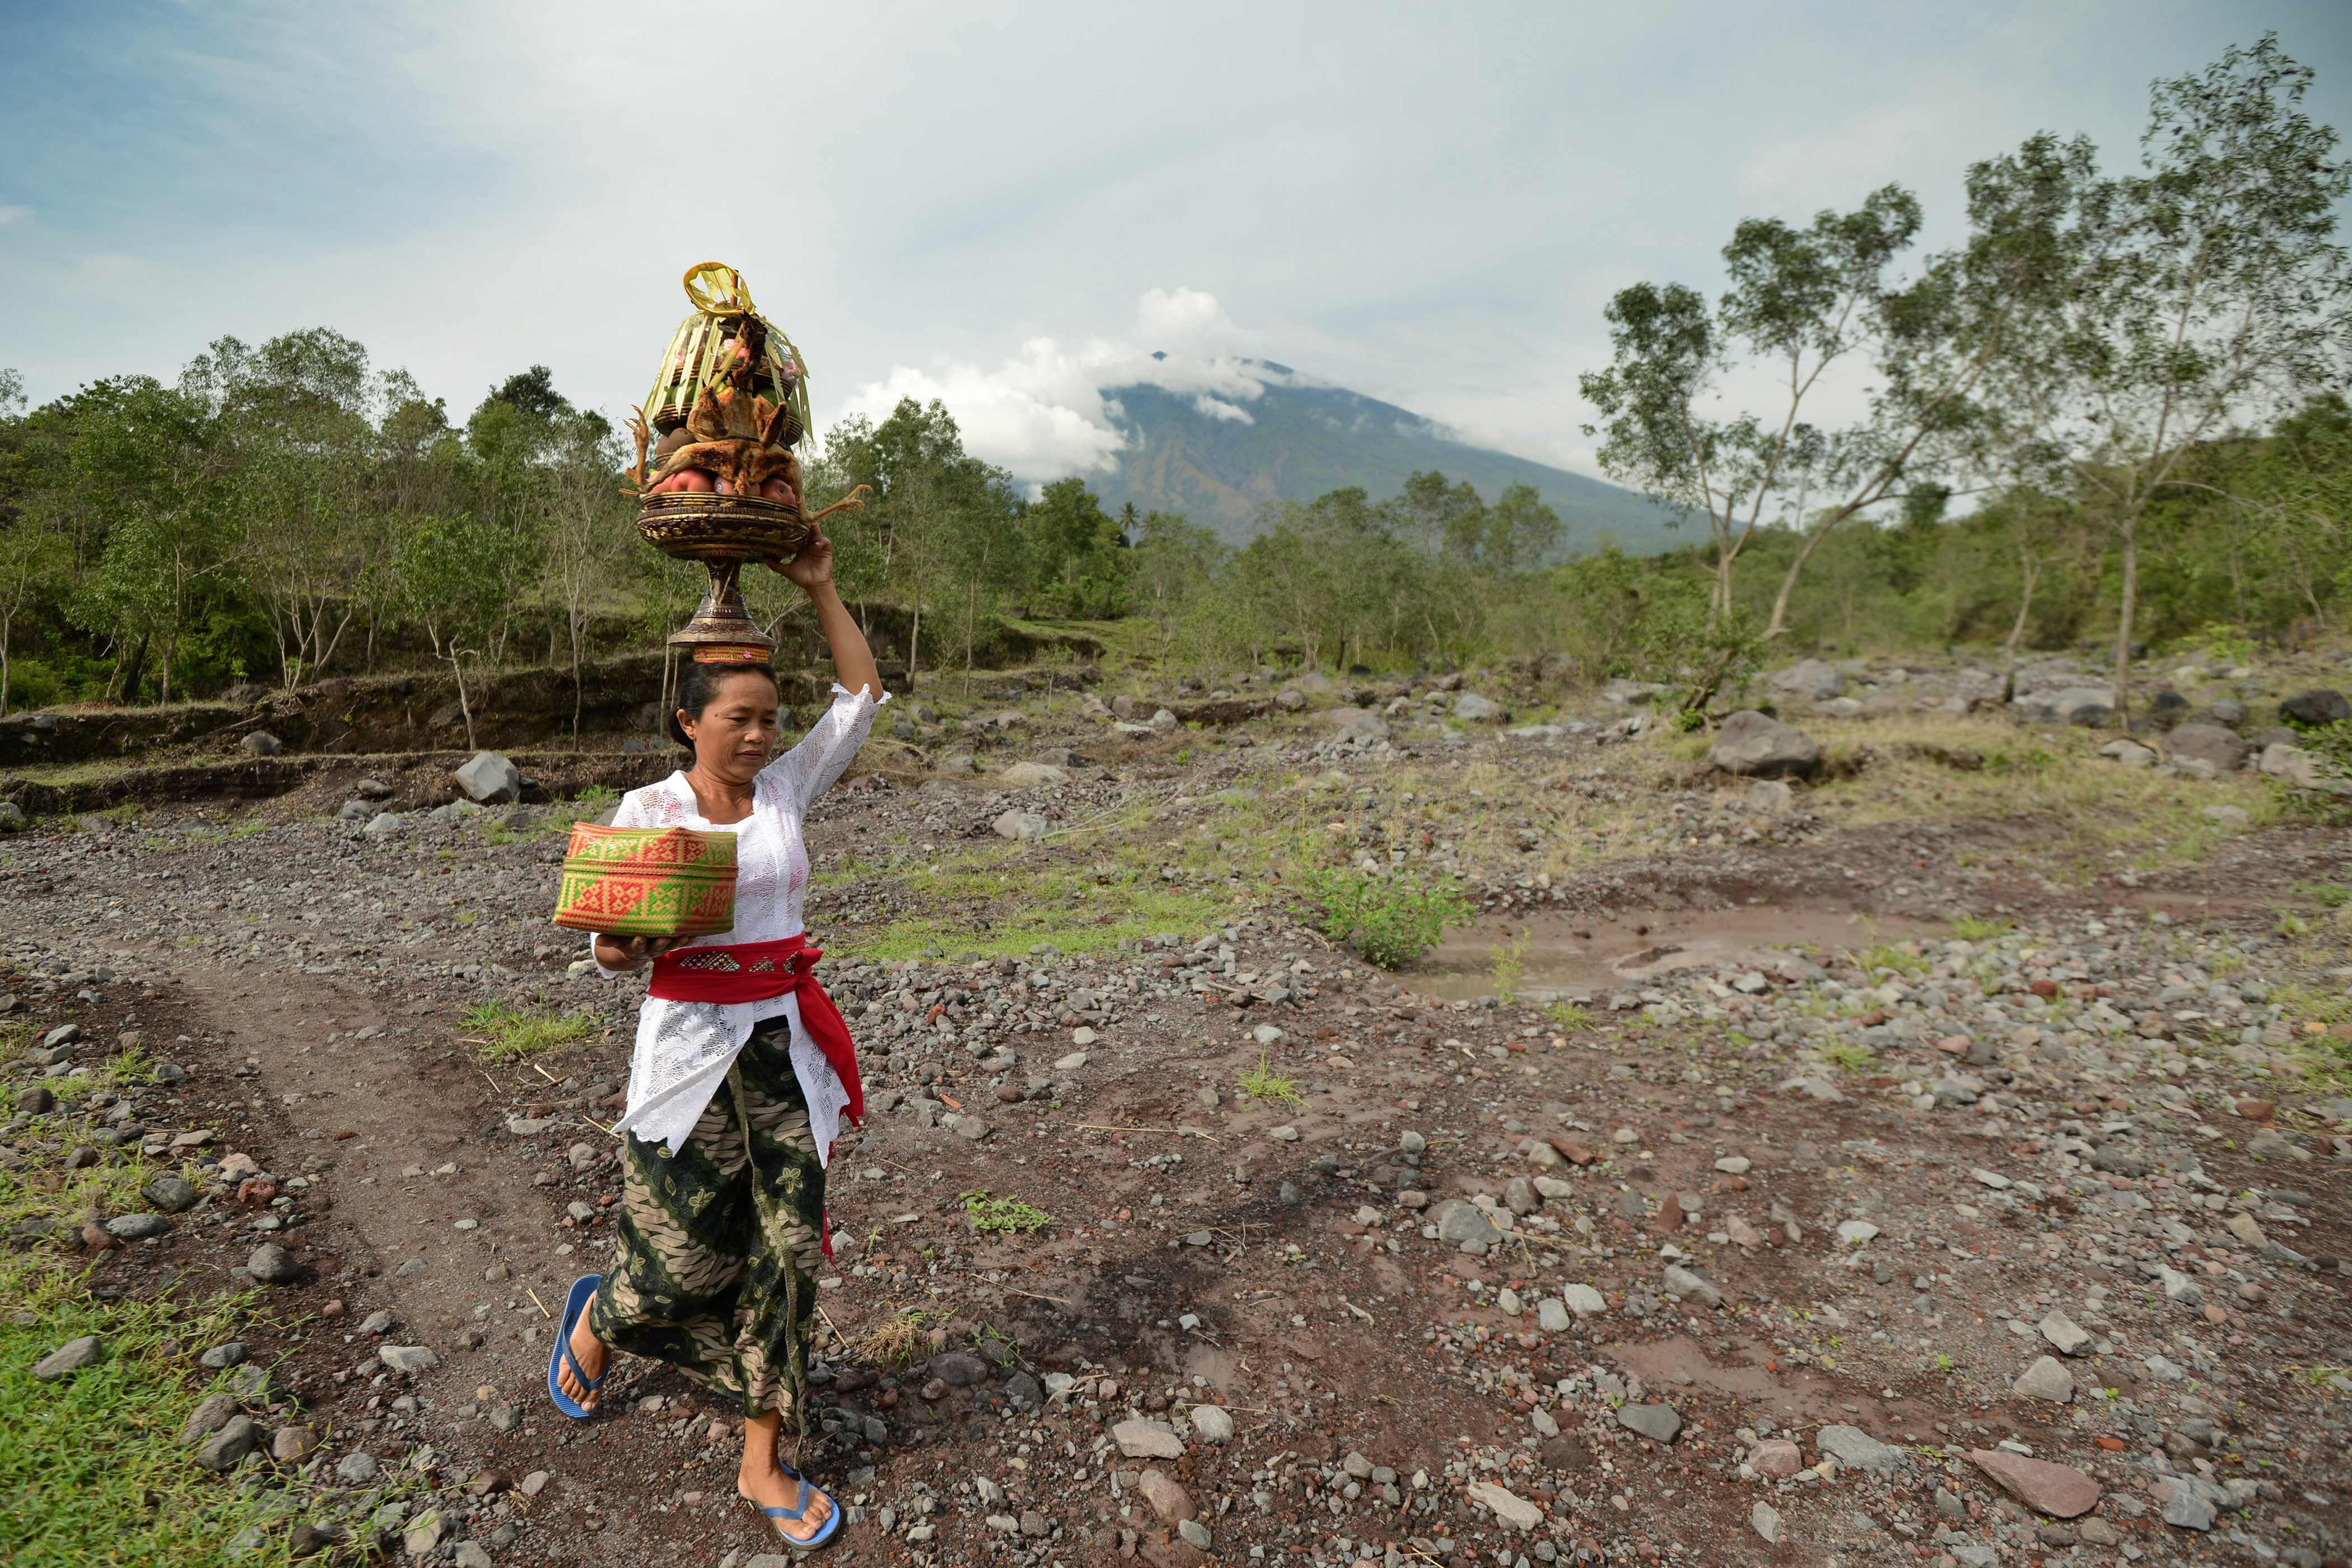 أحد المواطنين أثناء توجهه إلى المعبد